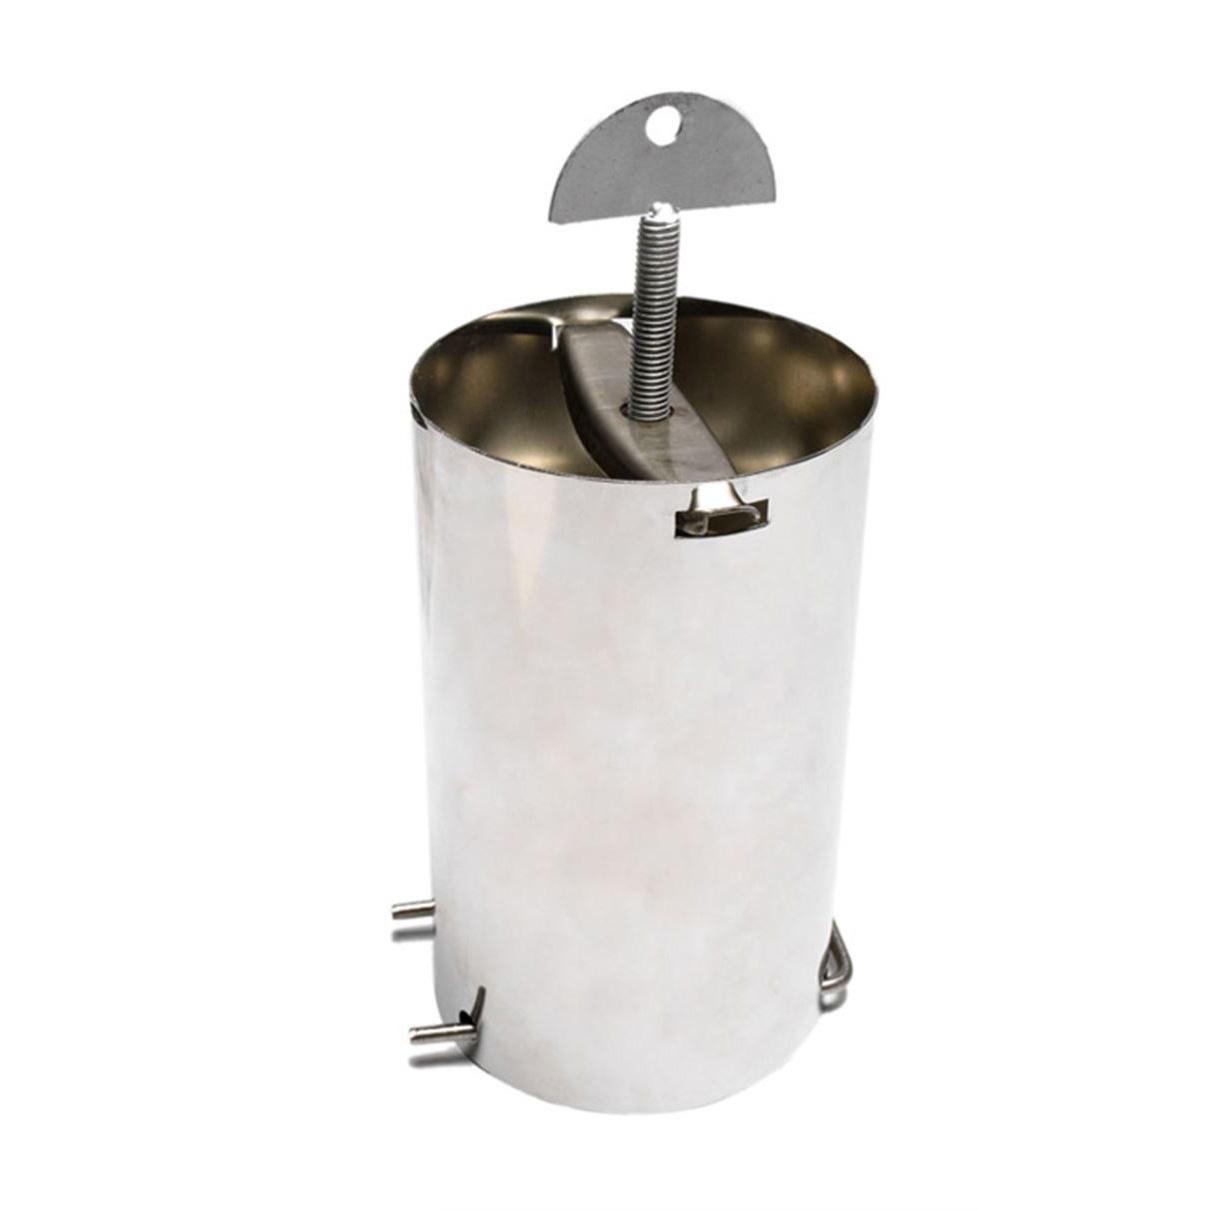 Khuôn làm giò Ankomart SHR34 1kg